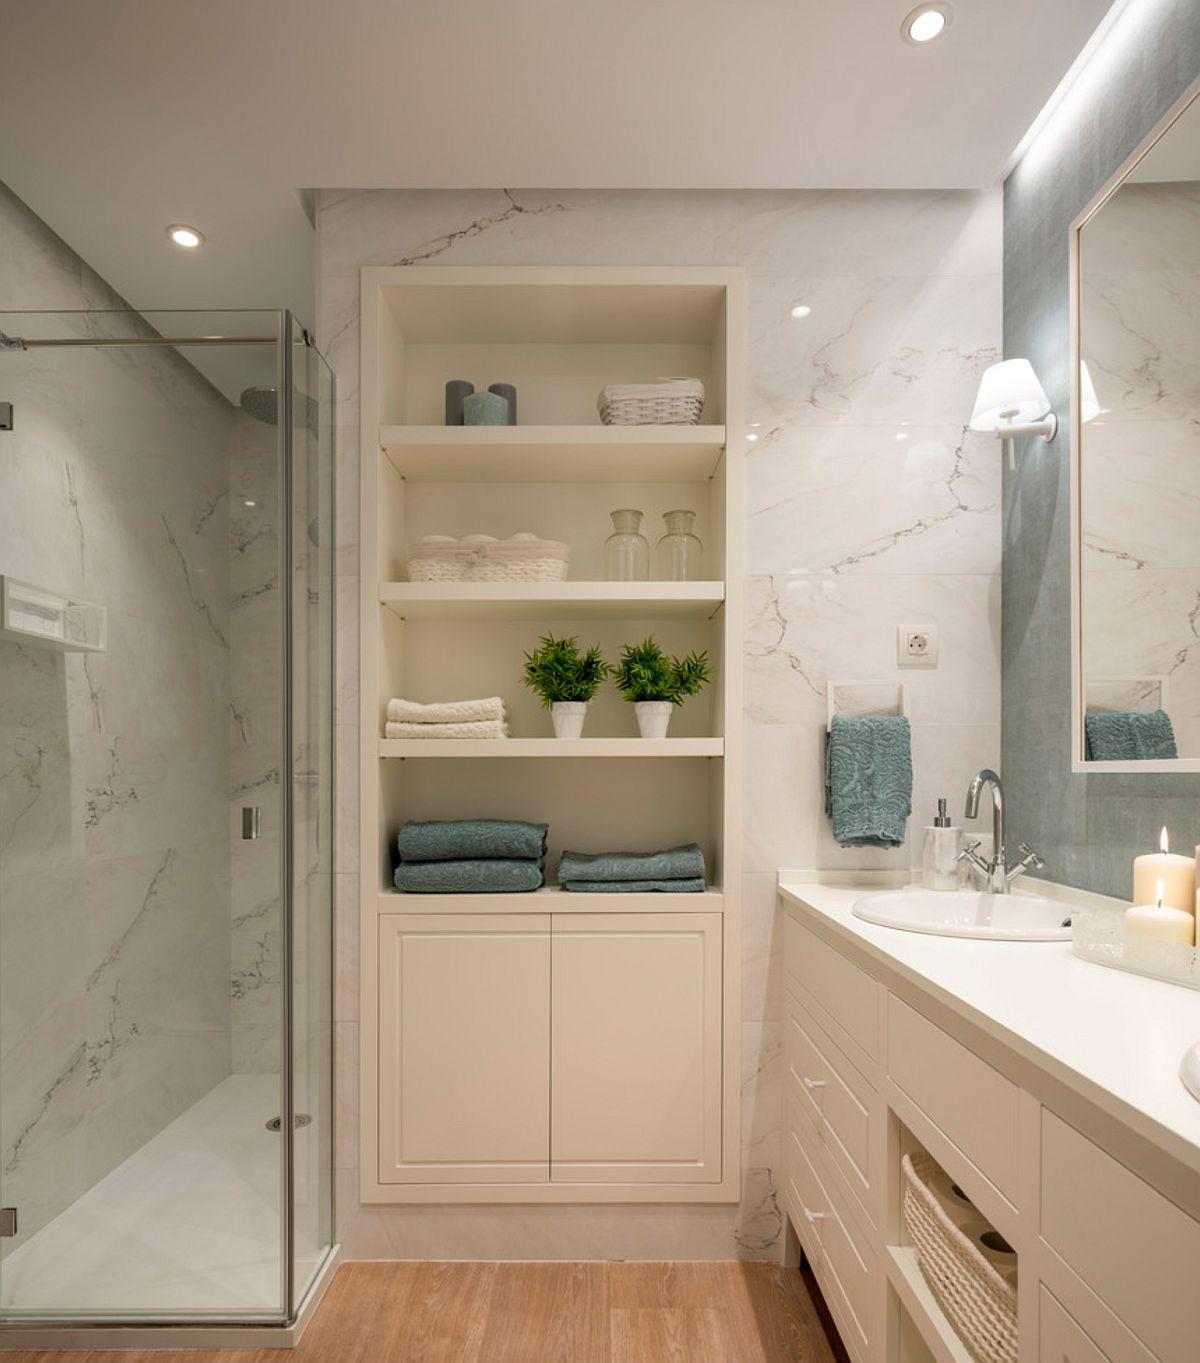 Baia matrimonială este amenajată în același stil cu dormitorul și în aceeași combinație cromatică. Spații generoase de depozitare sunt prezente și aici, după ce în locul căzii s-a optat pentru o cabină de duș.